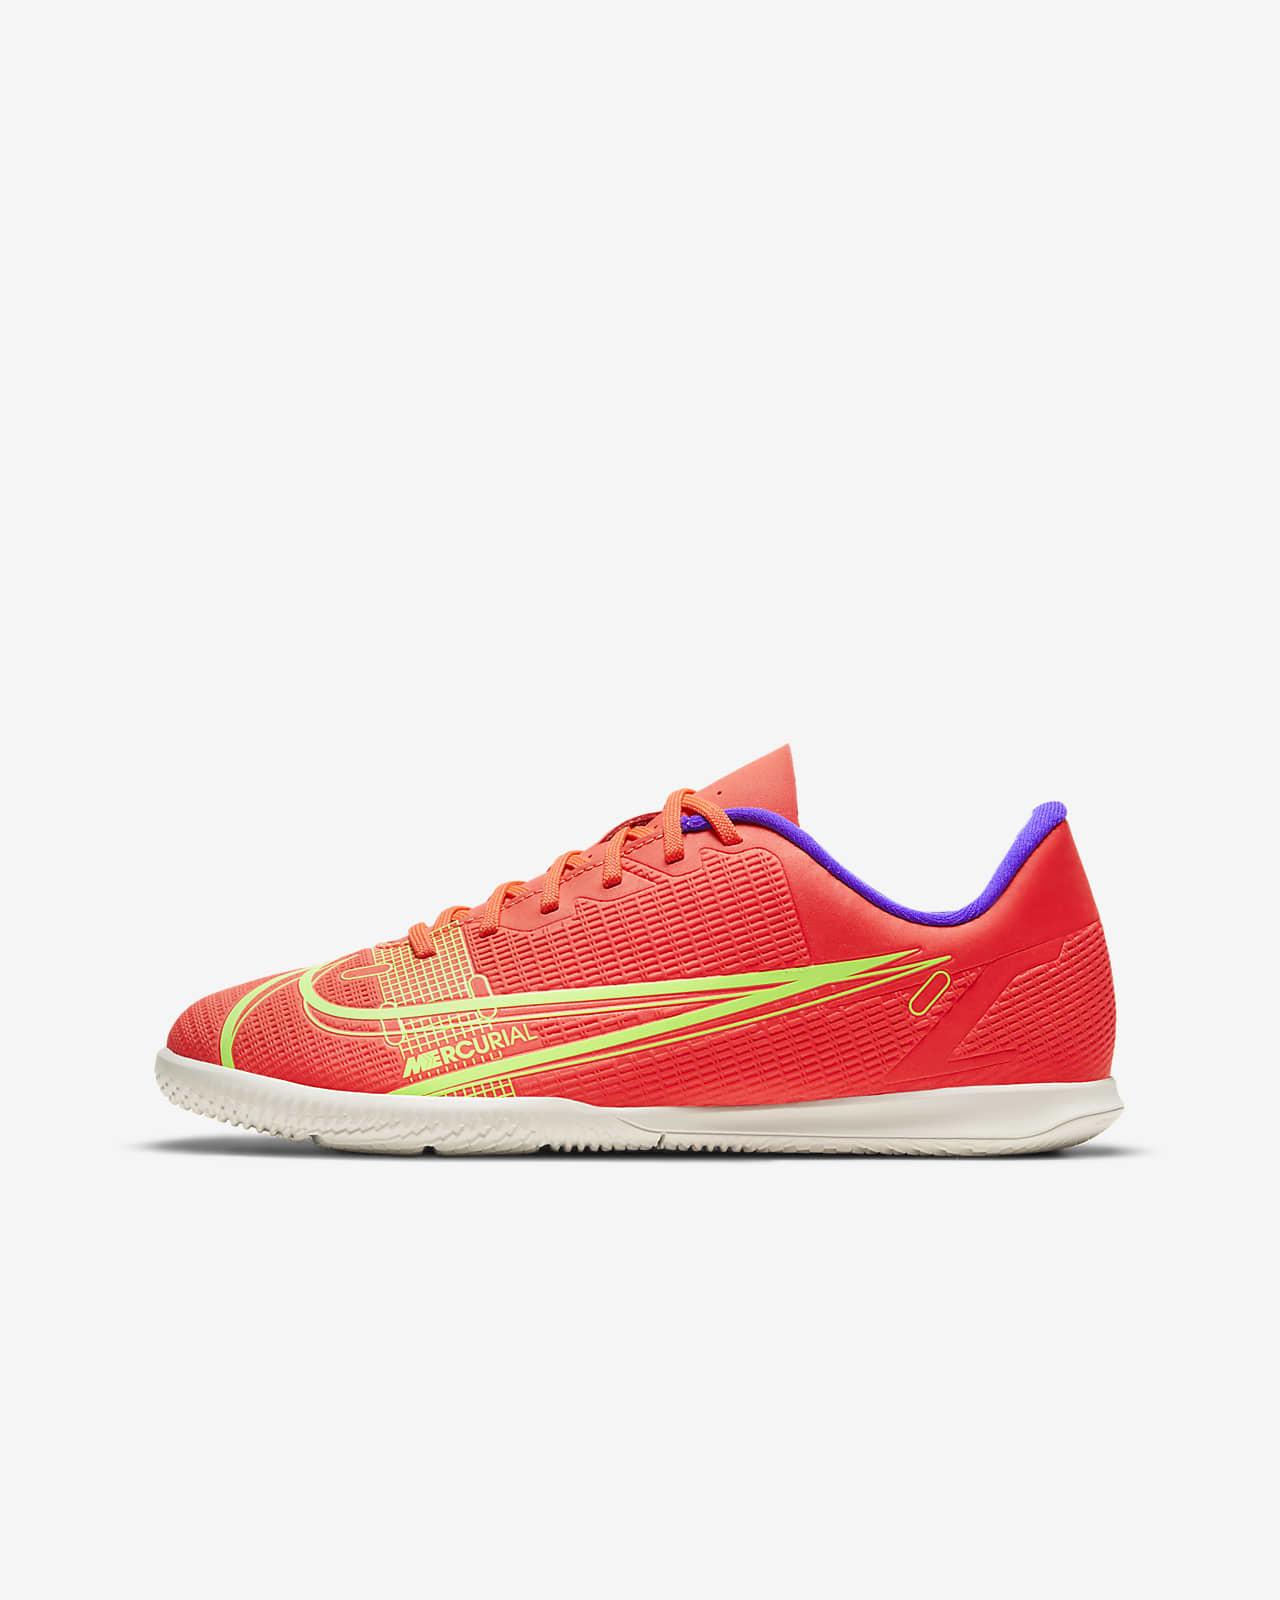 Chaussure de football en salle Nike Mercurial Vapor 14 Club IC pour Jeune enfant/Enfant plus âgé